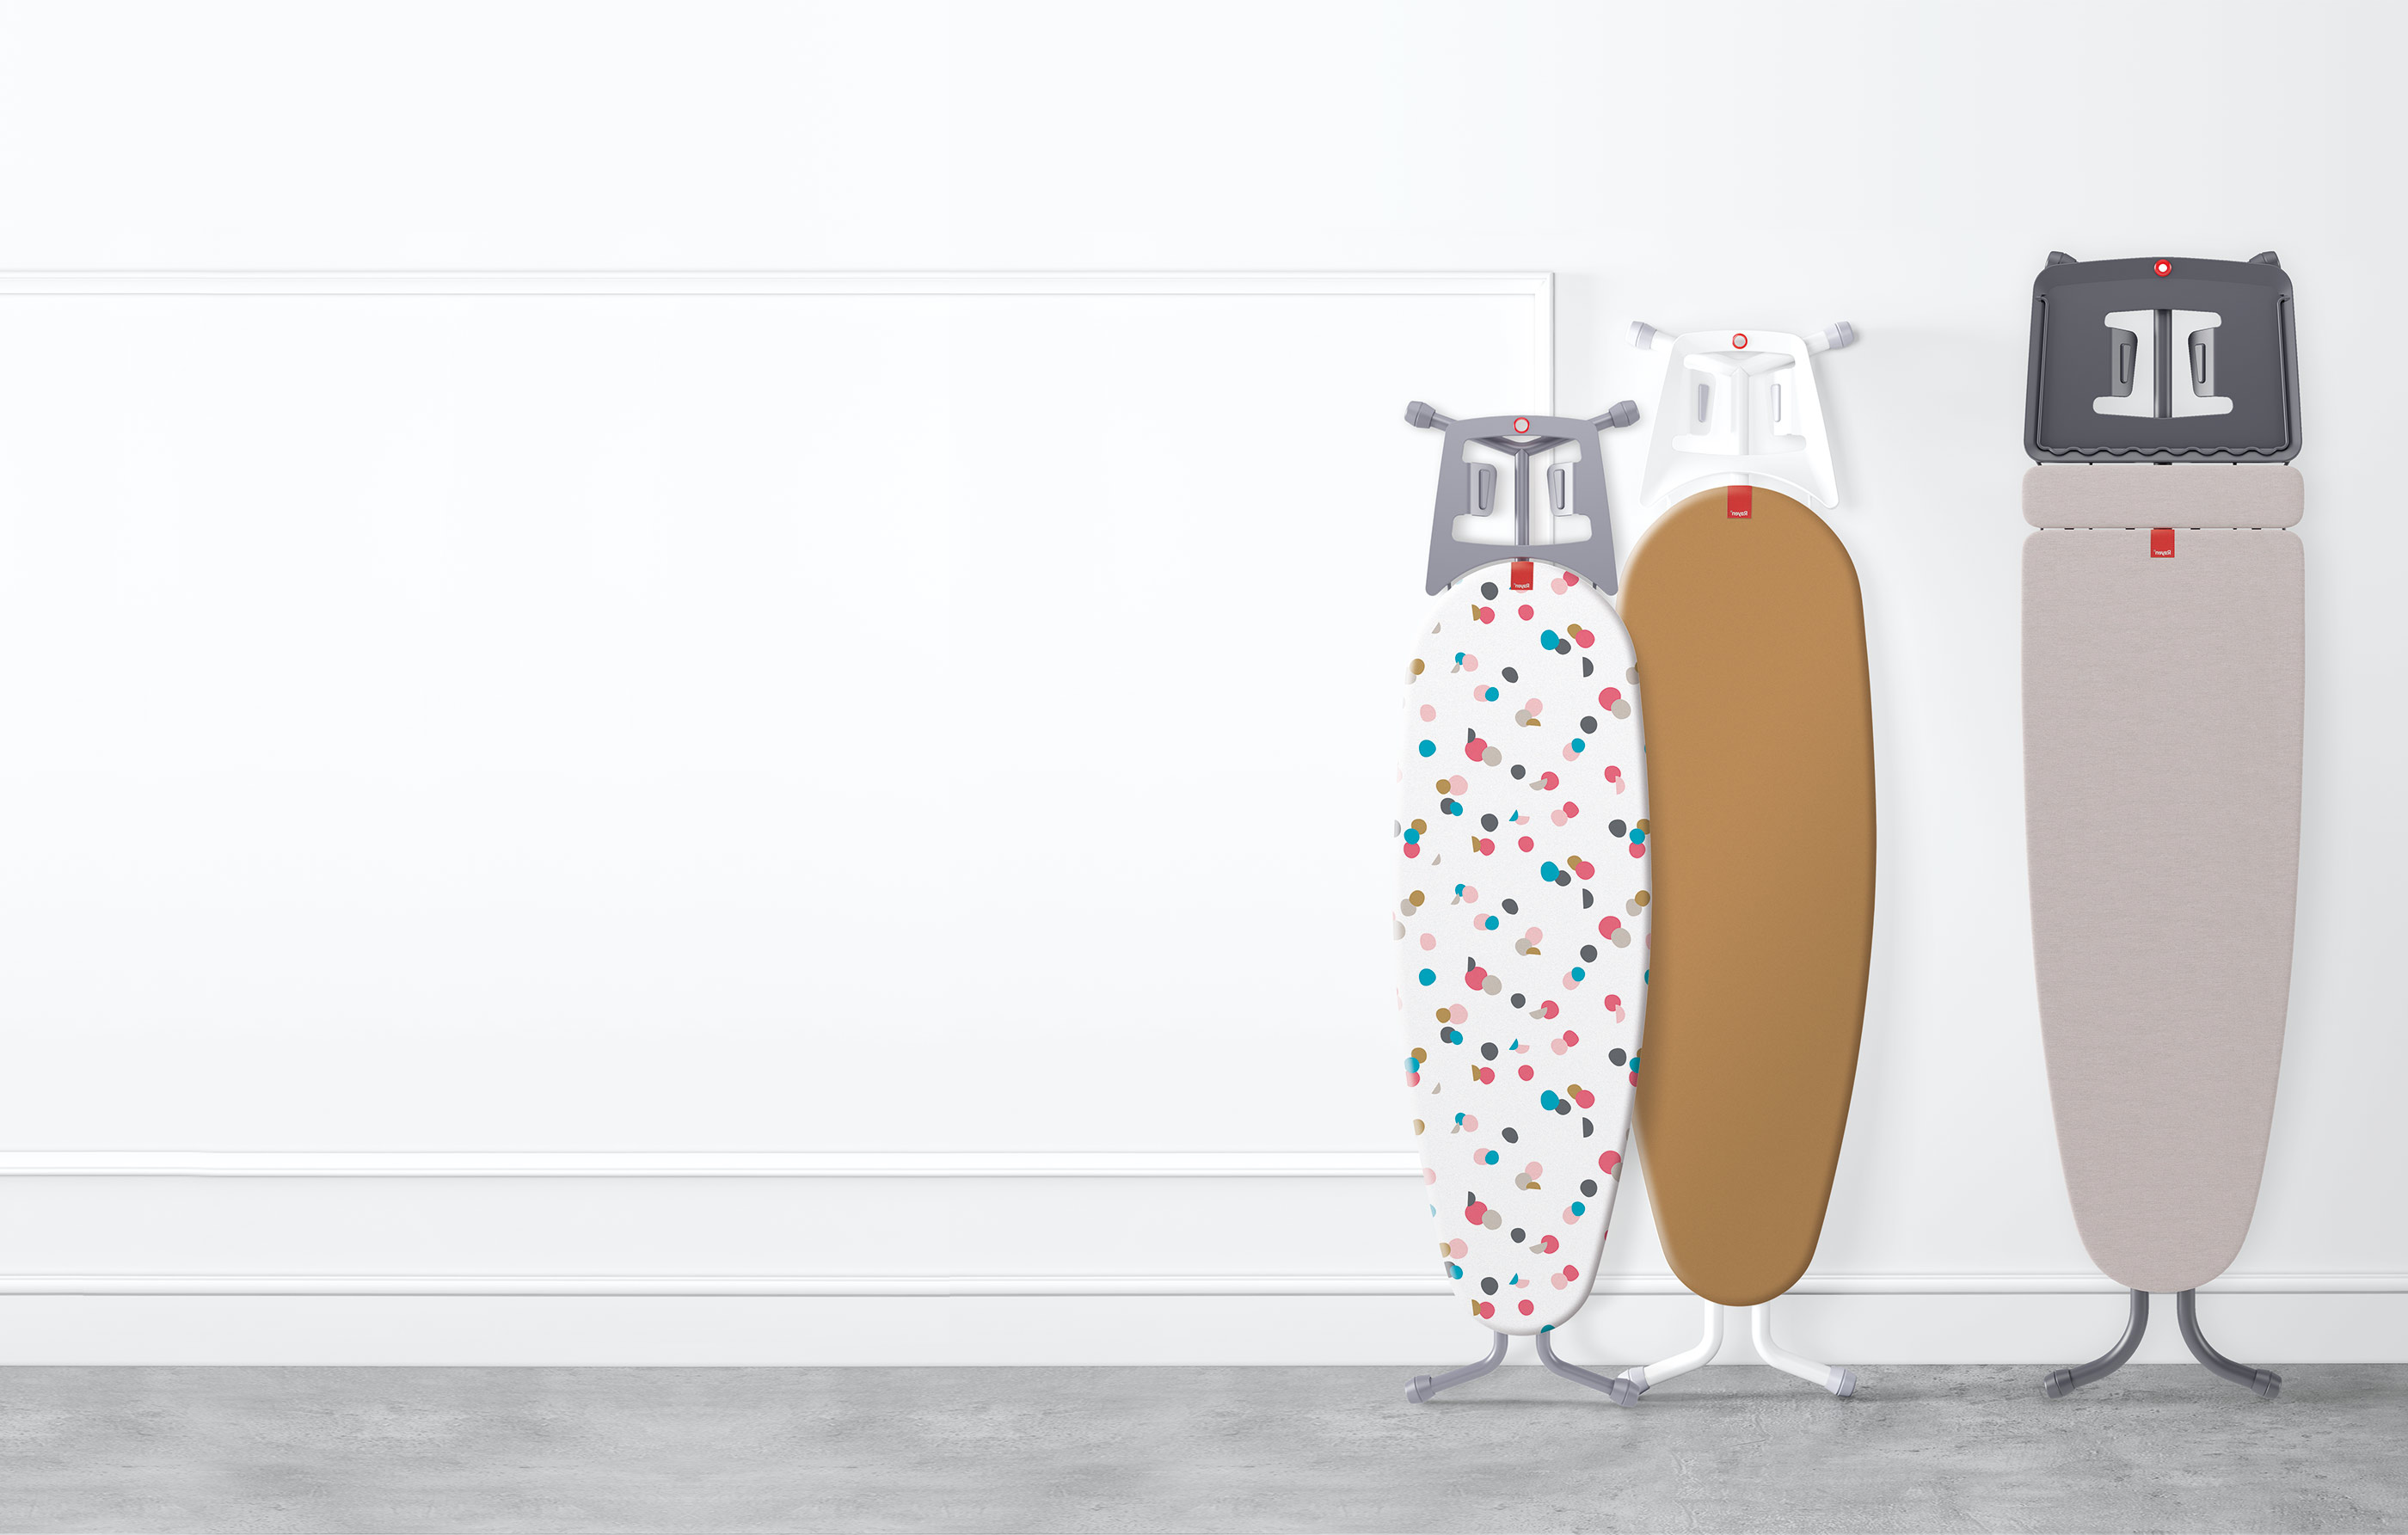 slider-tablas-planchar-2 Rayen | Soluciones innovadoras para el hogar | Tablas de planchar | Rayen.com